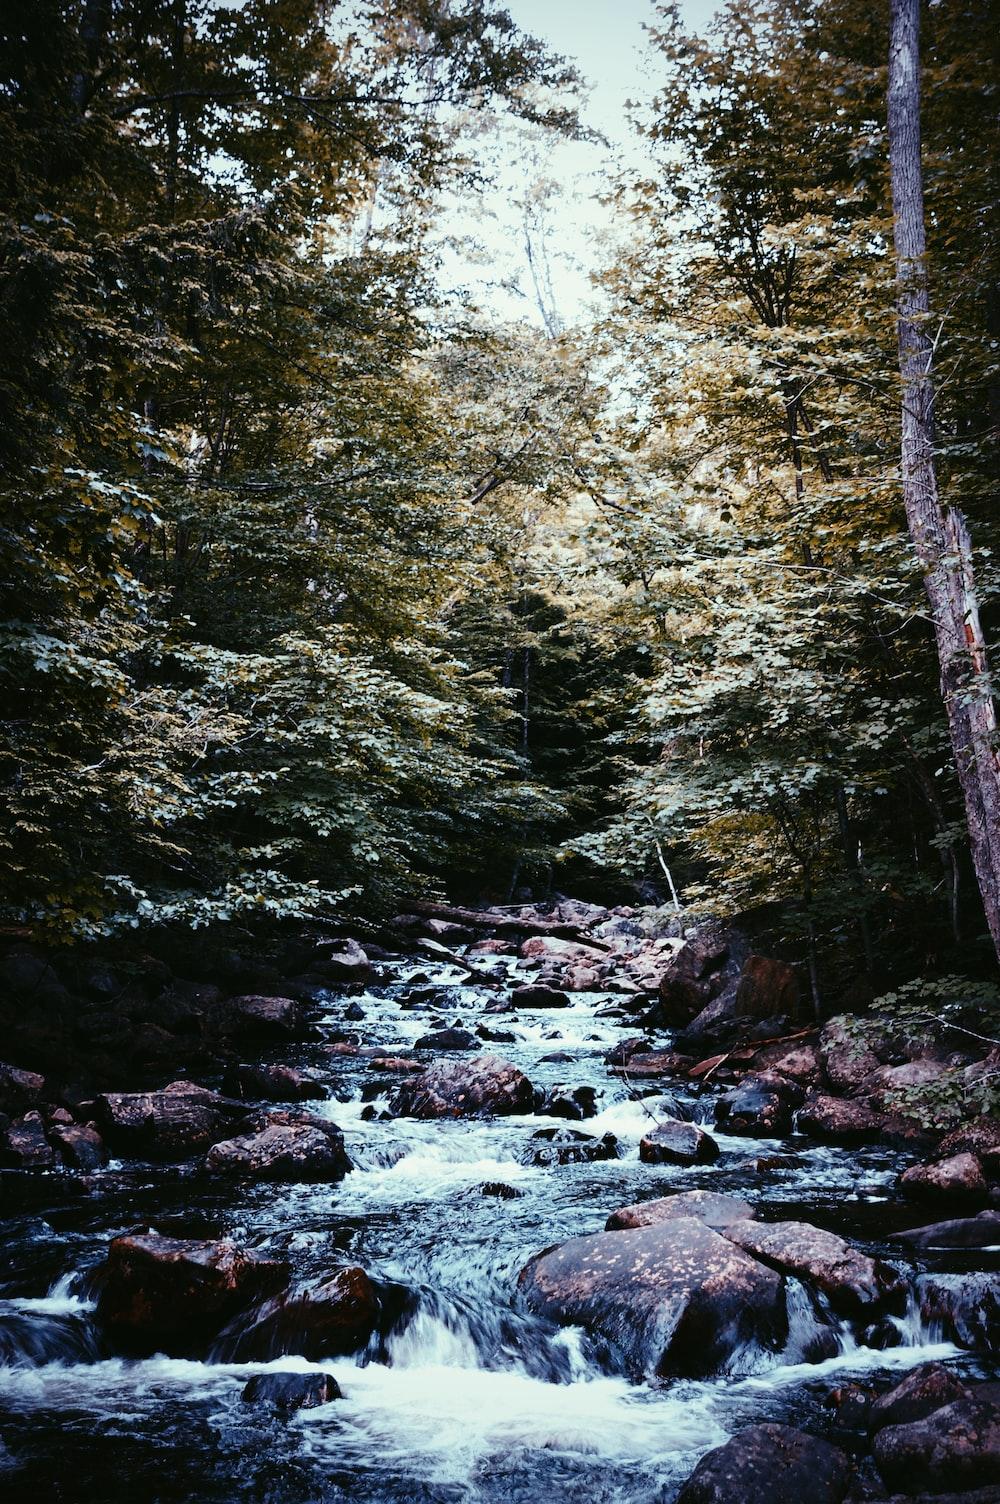 river in between trees